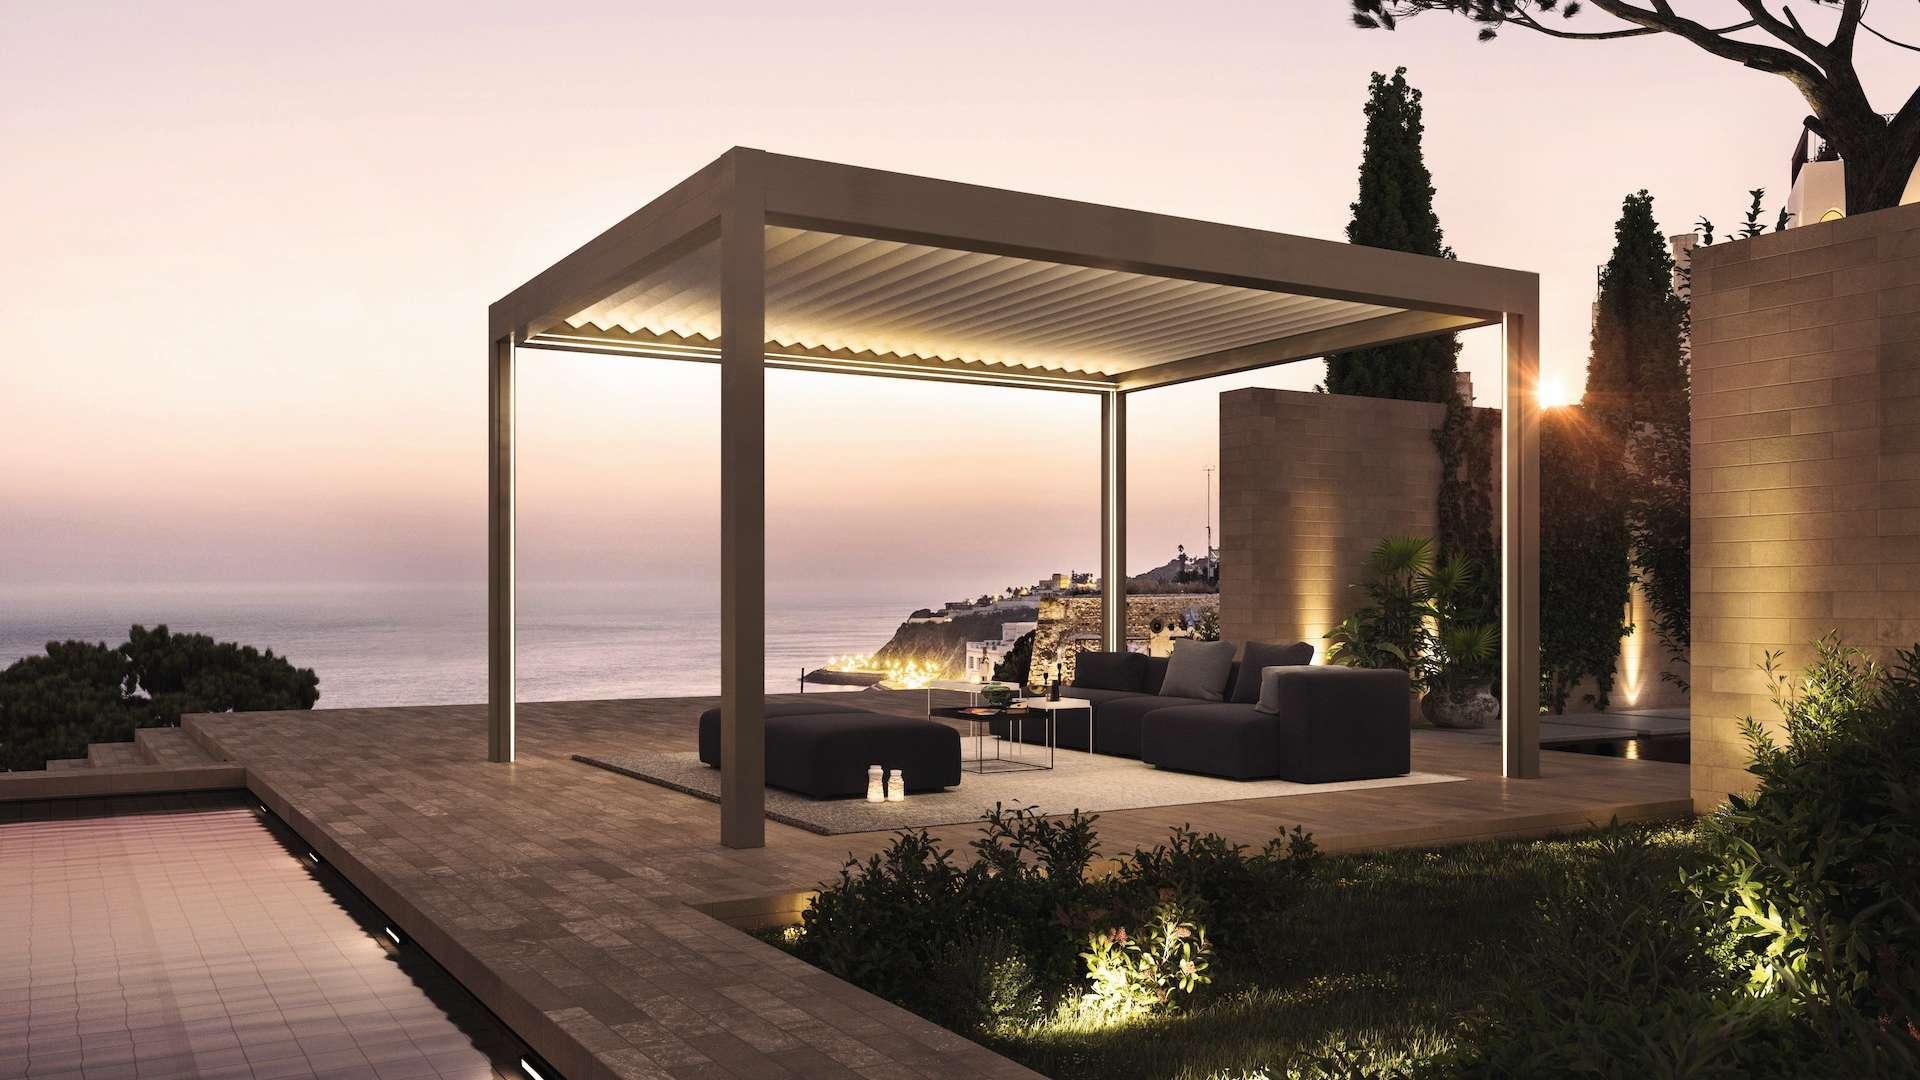 Lamellendach Lamaxa auf einer Terrasse mit Blick aufs Meer bei Dämmerung